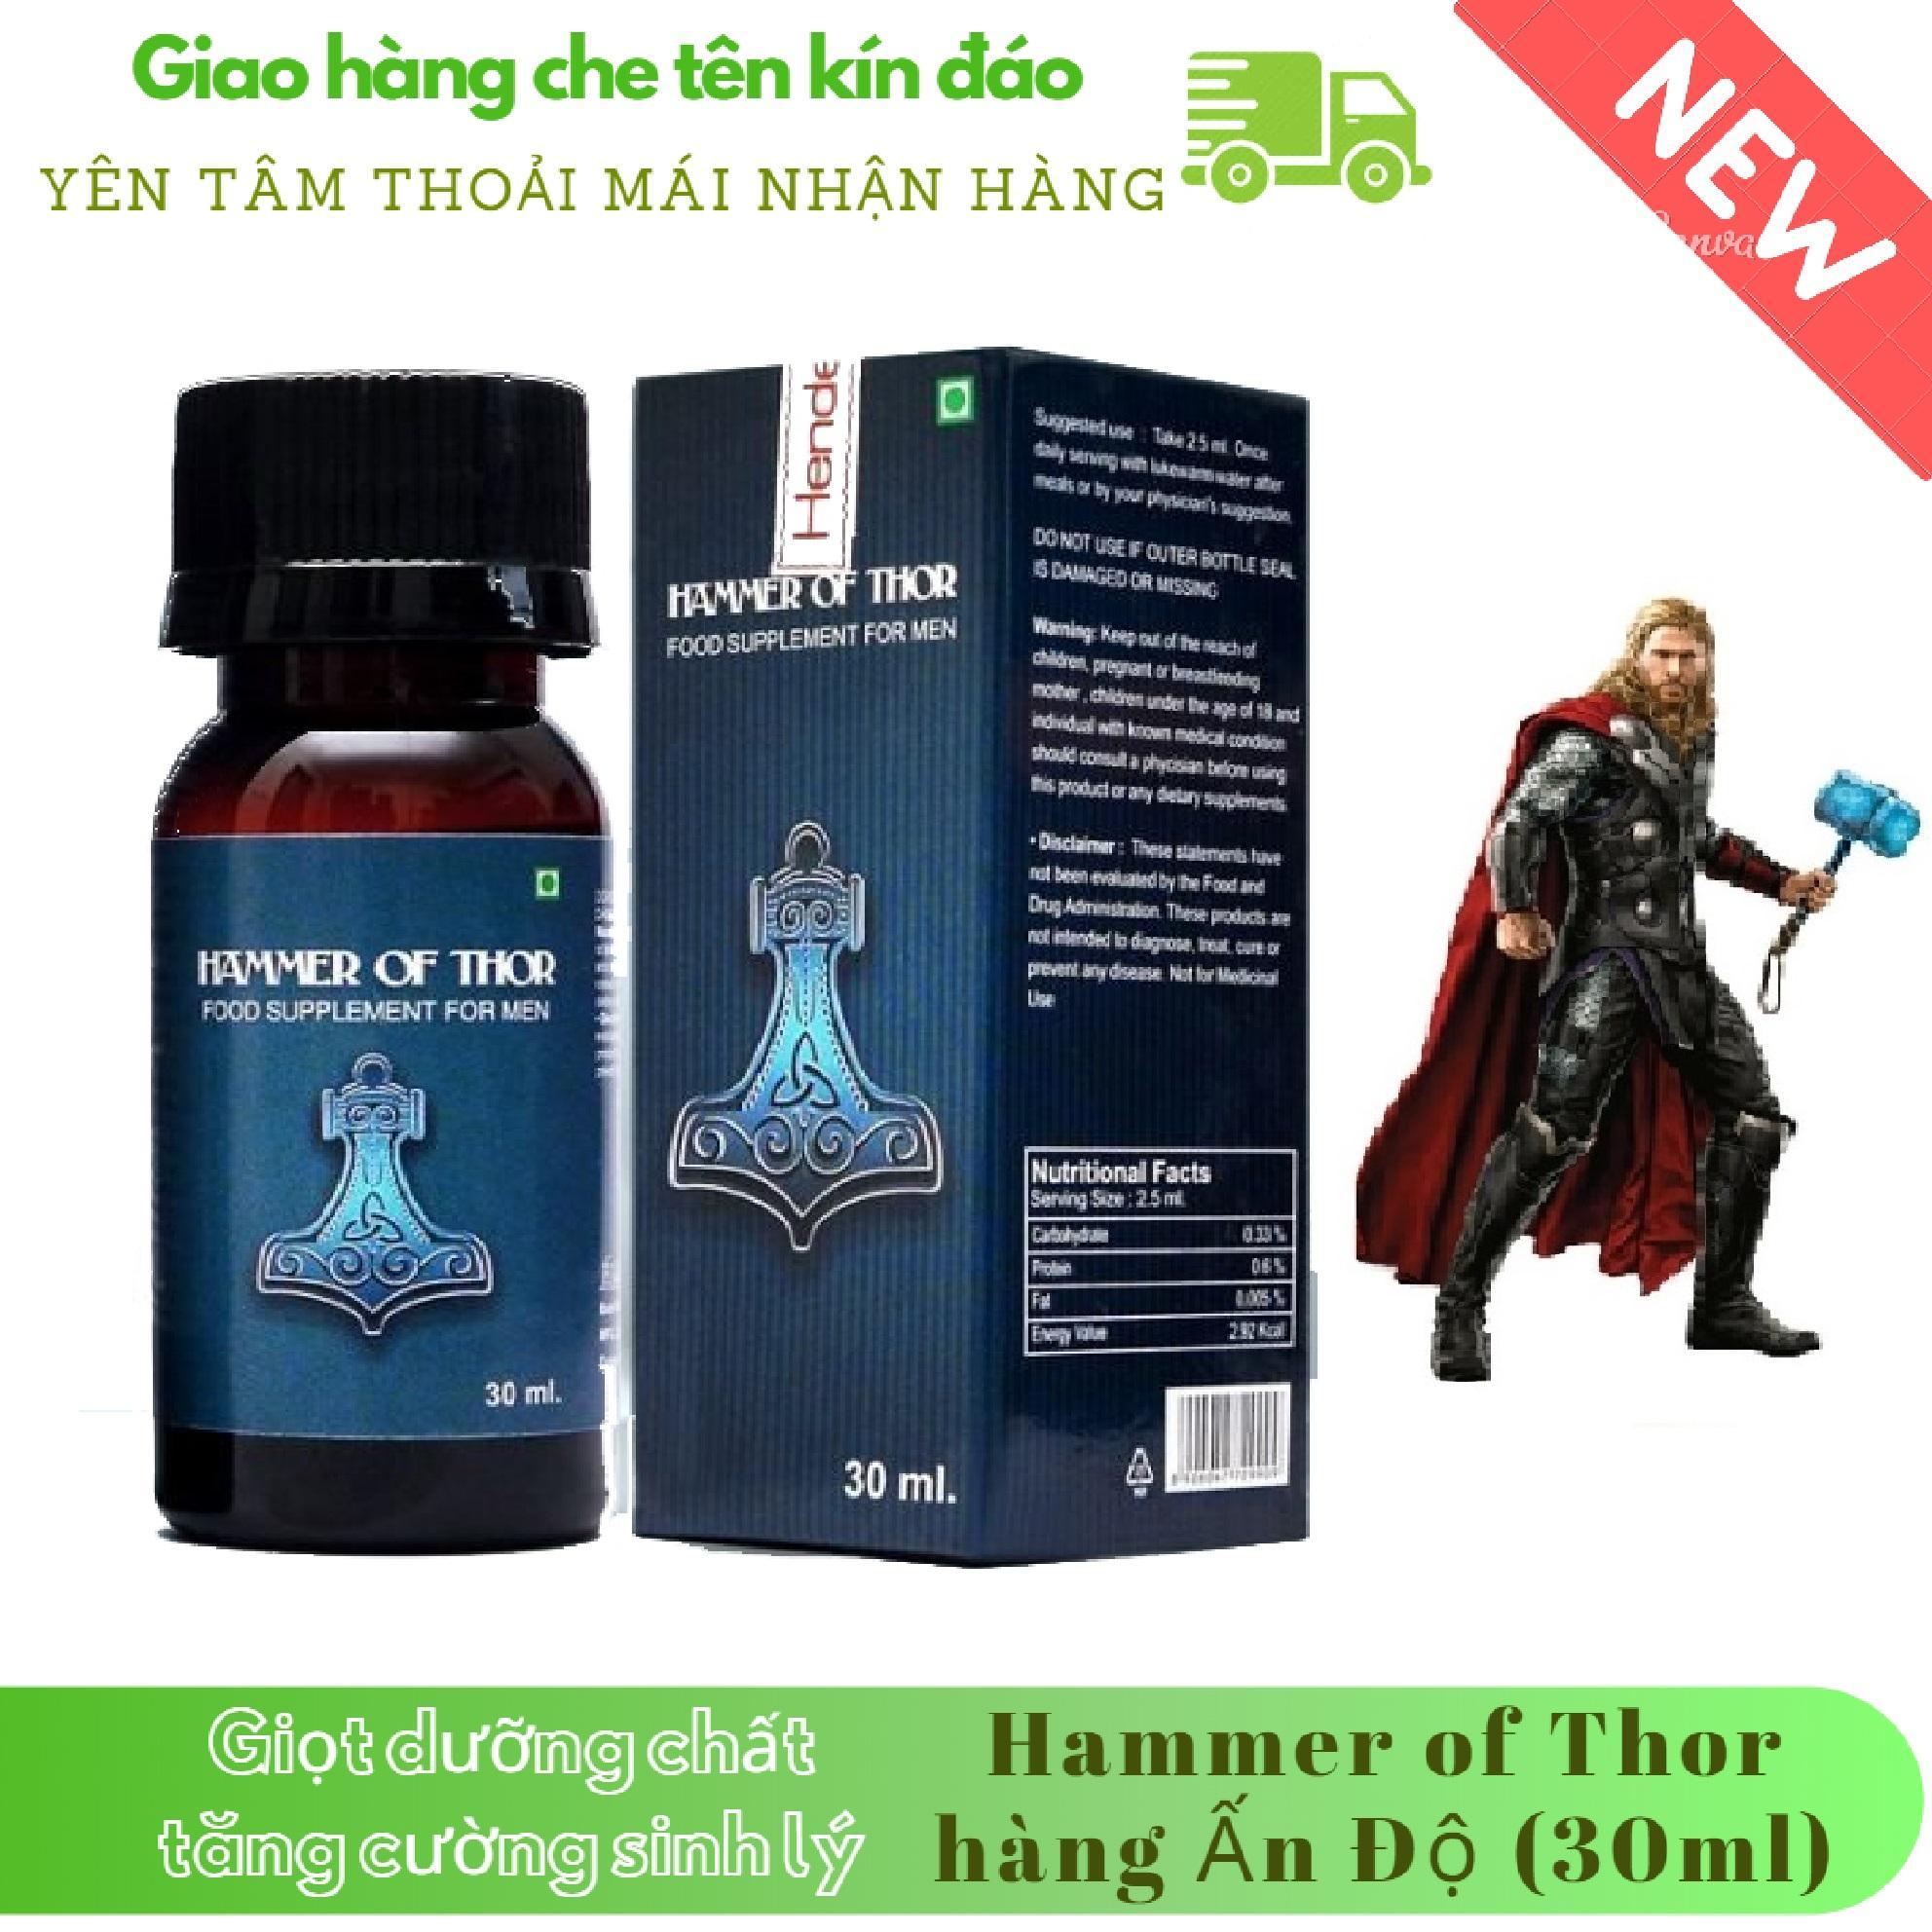 Giọt dưỡng chất_Hammer-Of-Thor tăng cường_sinh lý Nam mạnh mẽ (chai 30ml) chính hãng